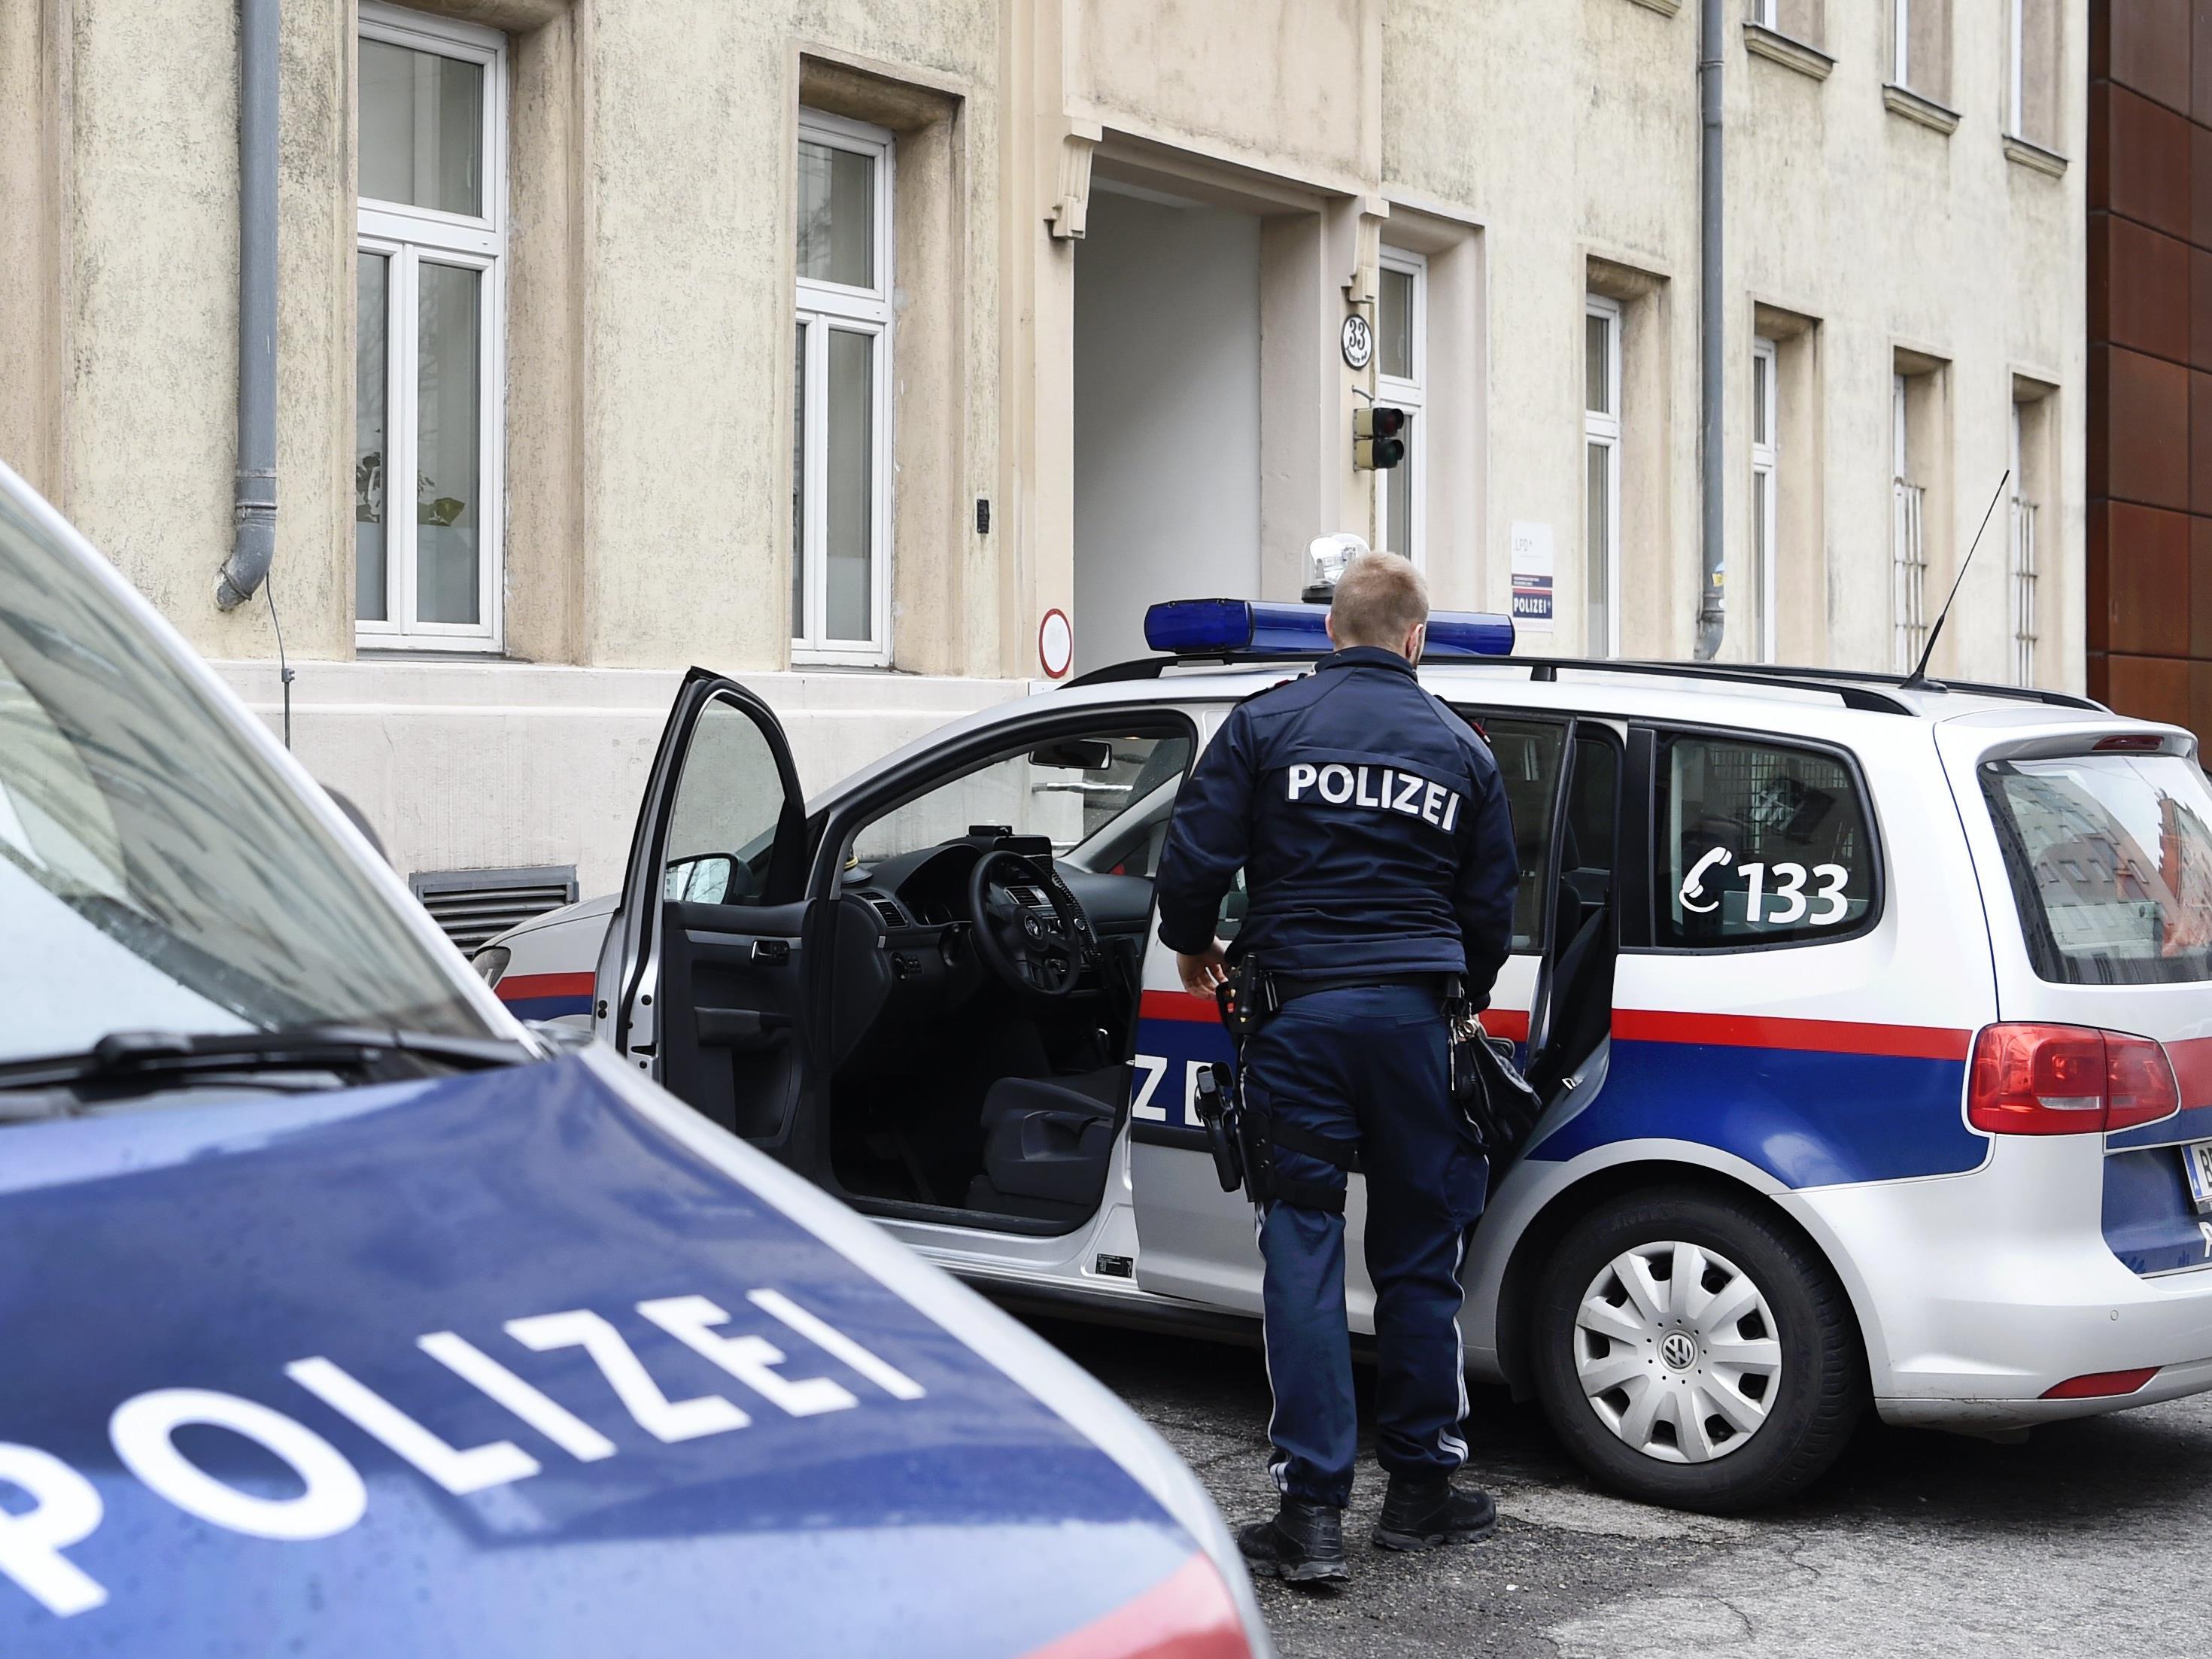 Die Polizei musste sogar Verstärkung anfordern, um die Situation zu beruhigen.